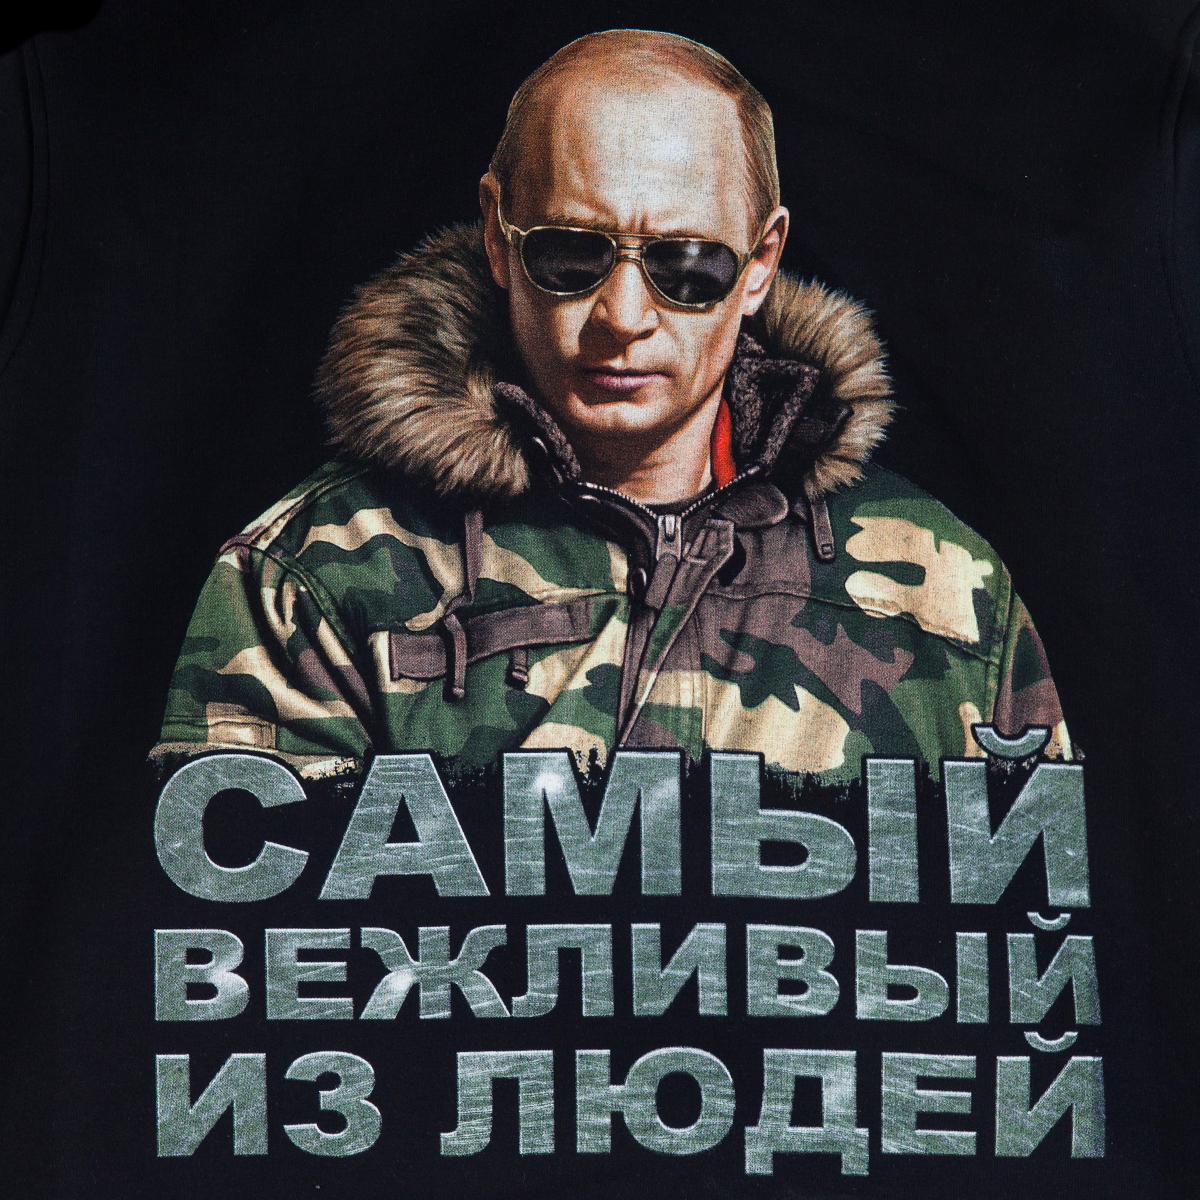 Толстовка с президентом Путиным